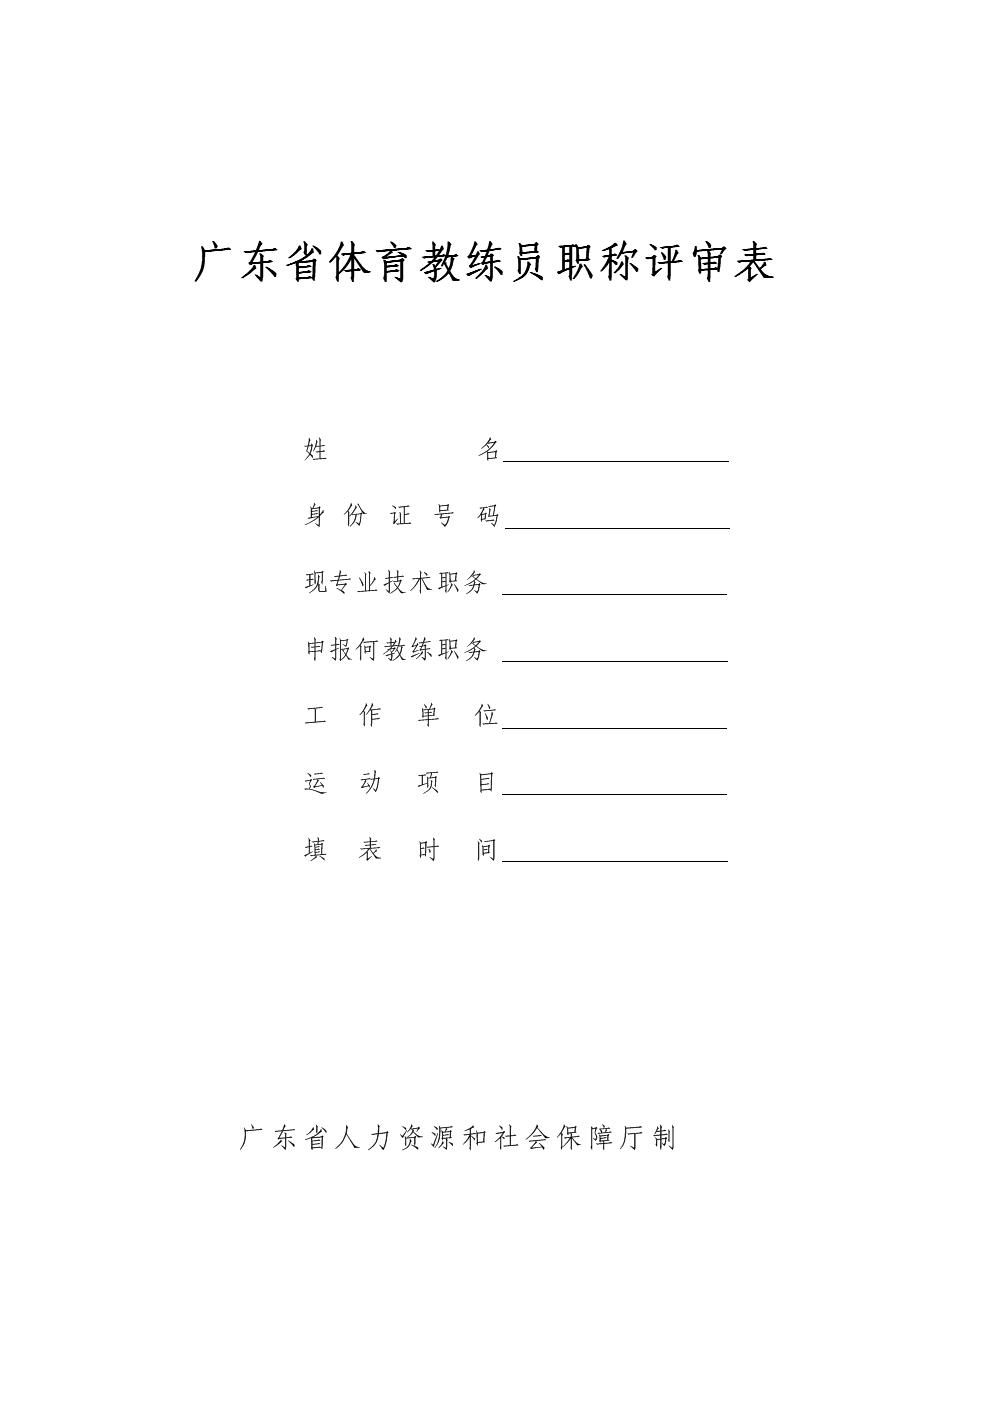 广东省体育教练员职称评审表.doc